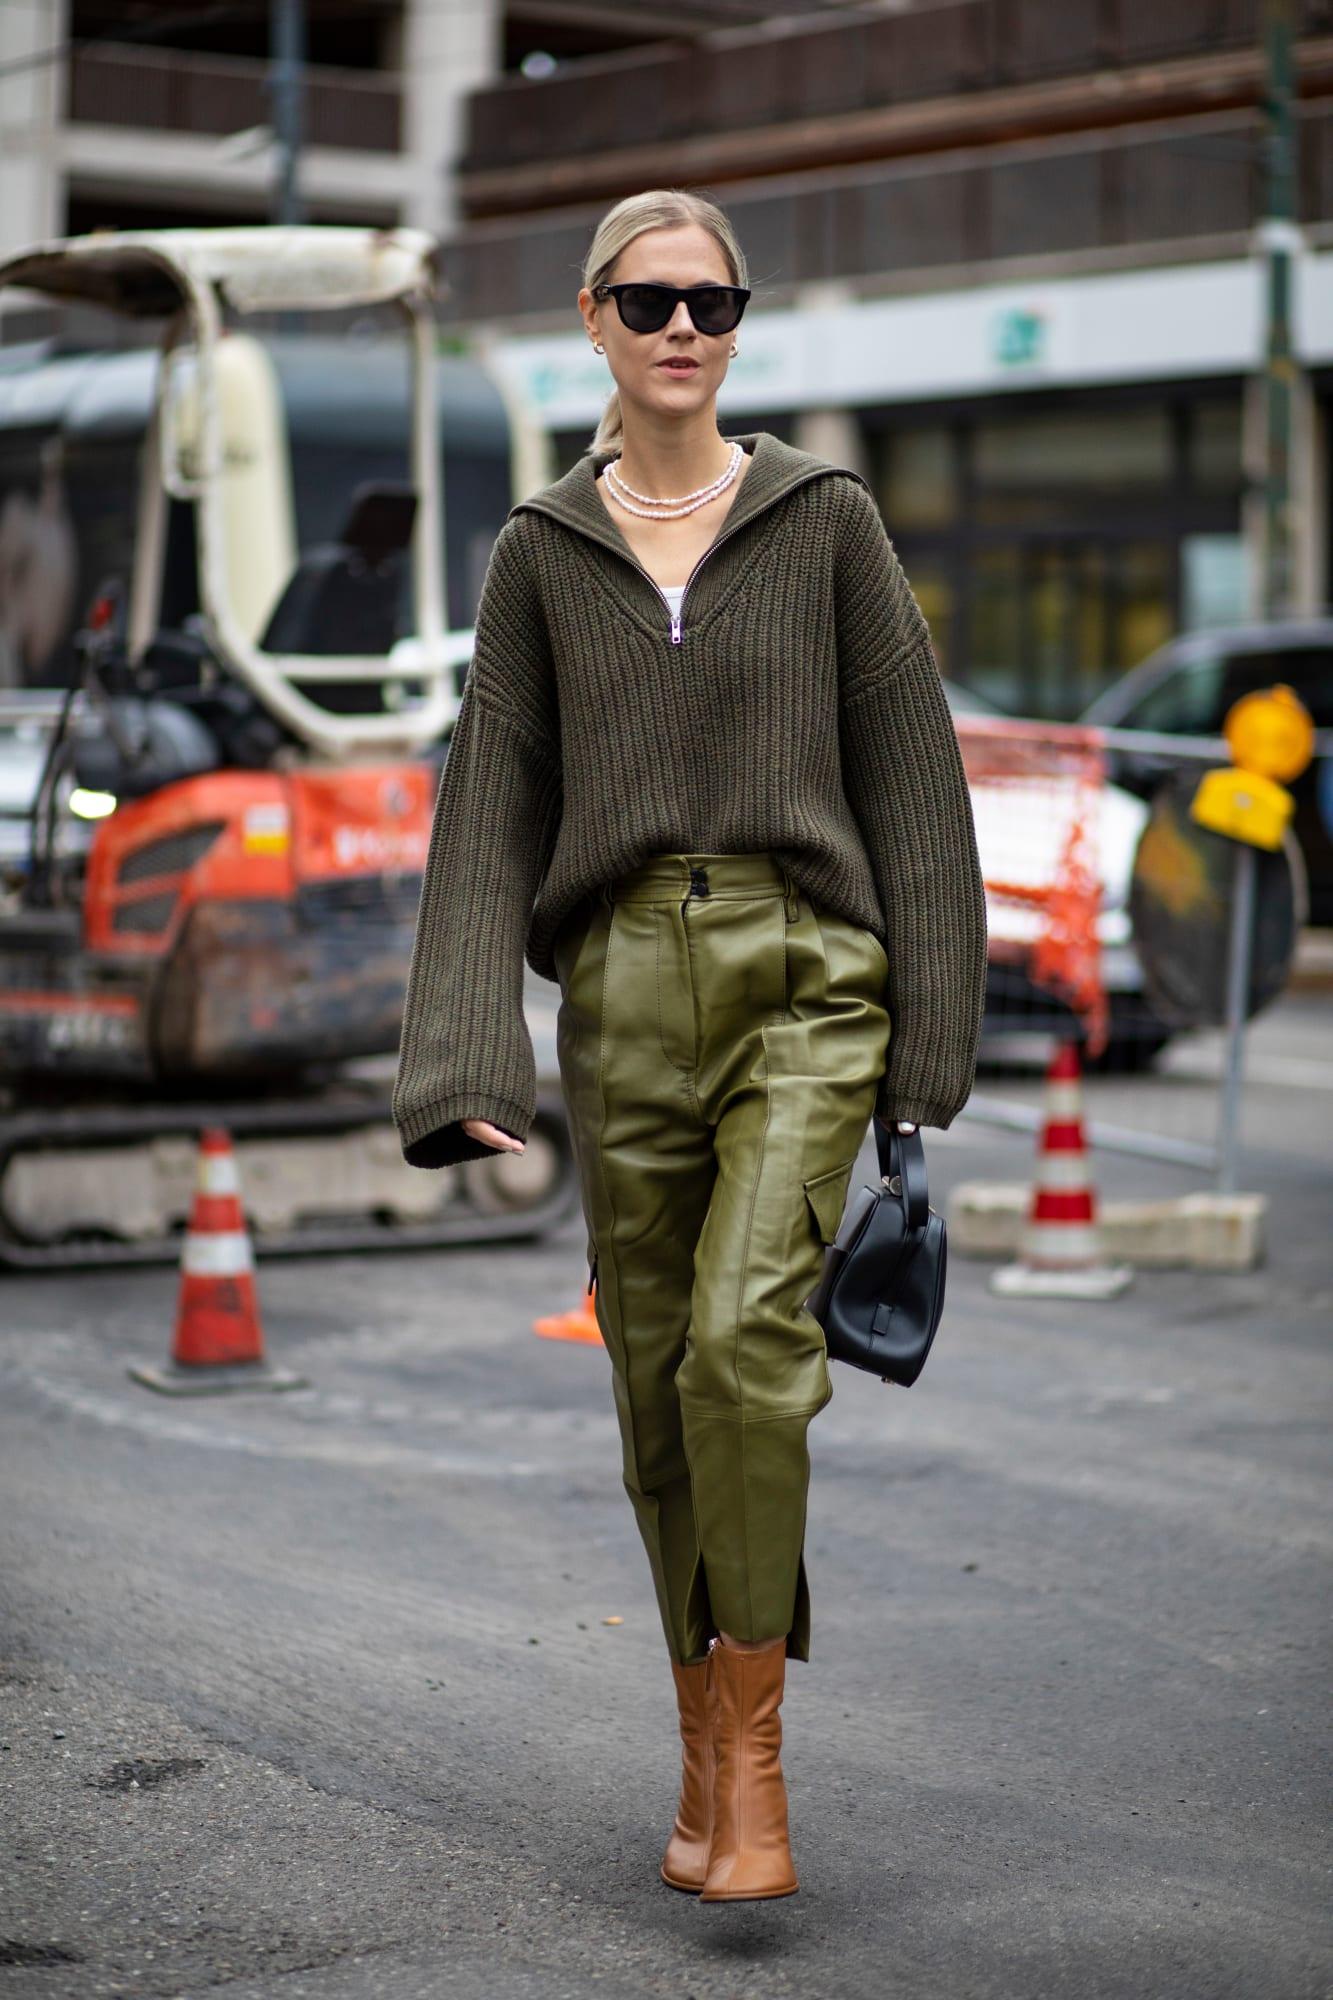 milan-fashion-week-spring-2020-street-style-day-2-1